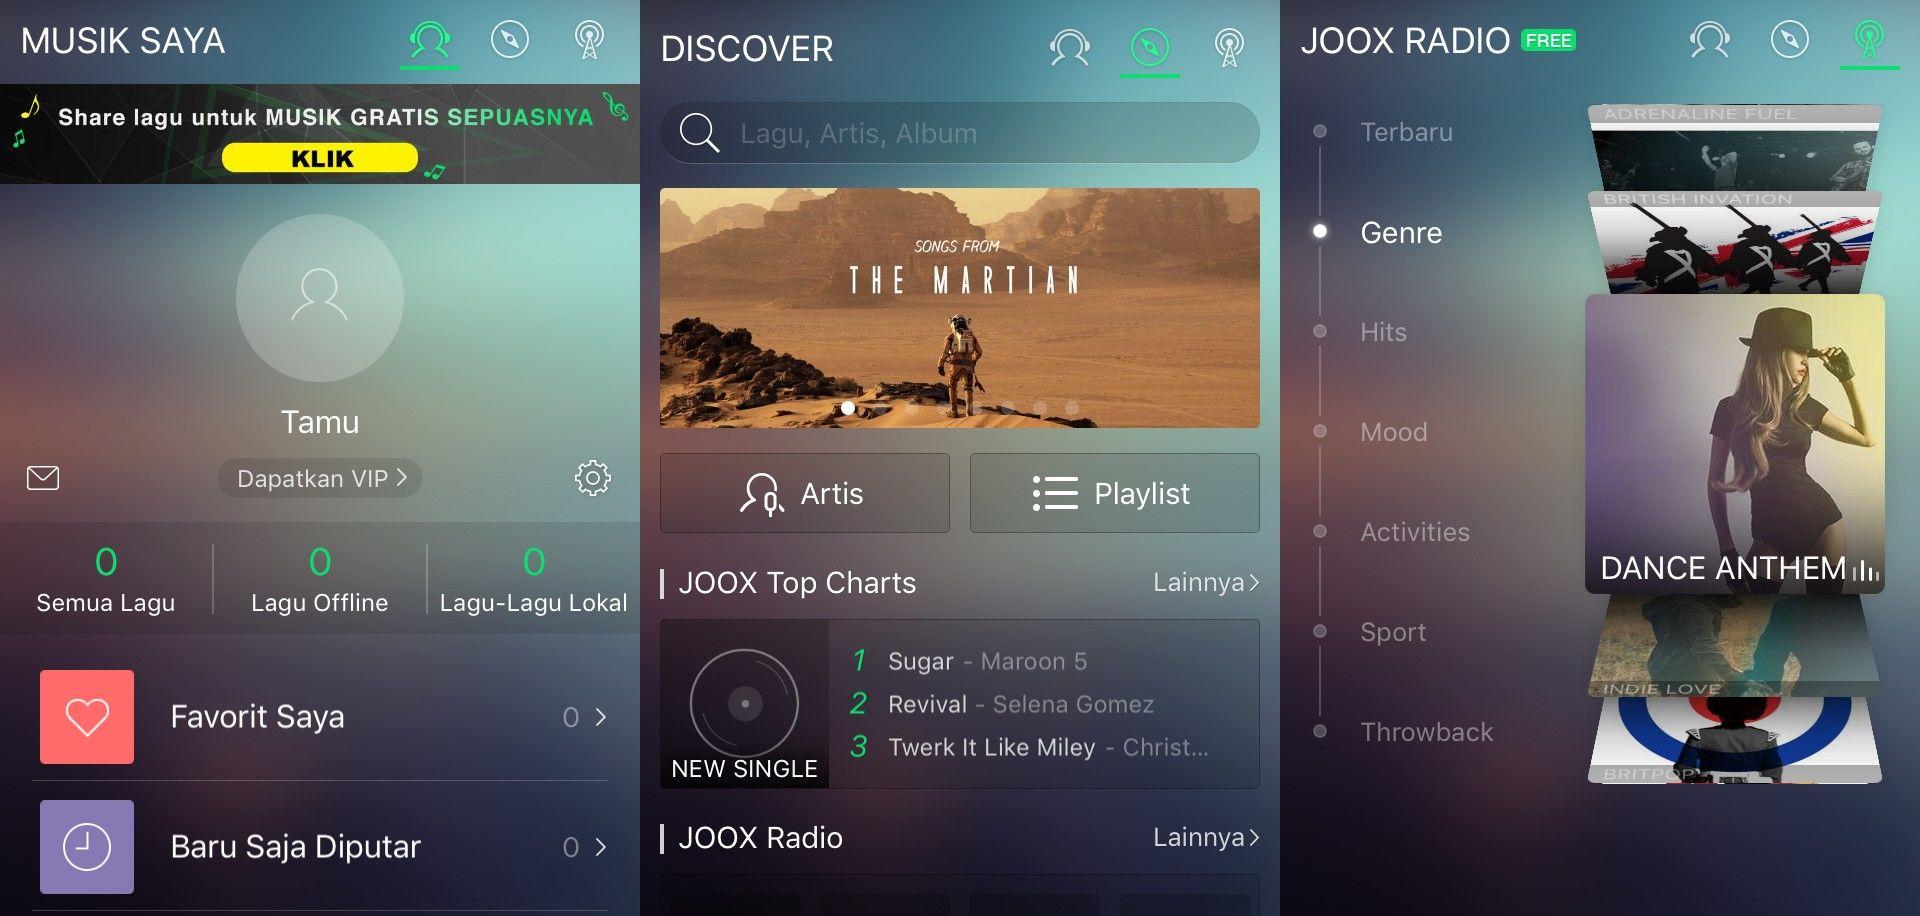 8 Aplikasi Terbaik untuk Streaming Musik di iOS & Android